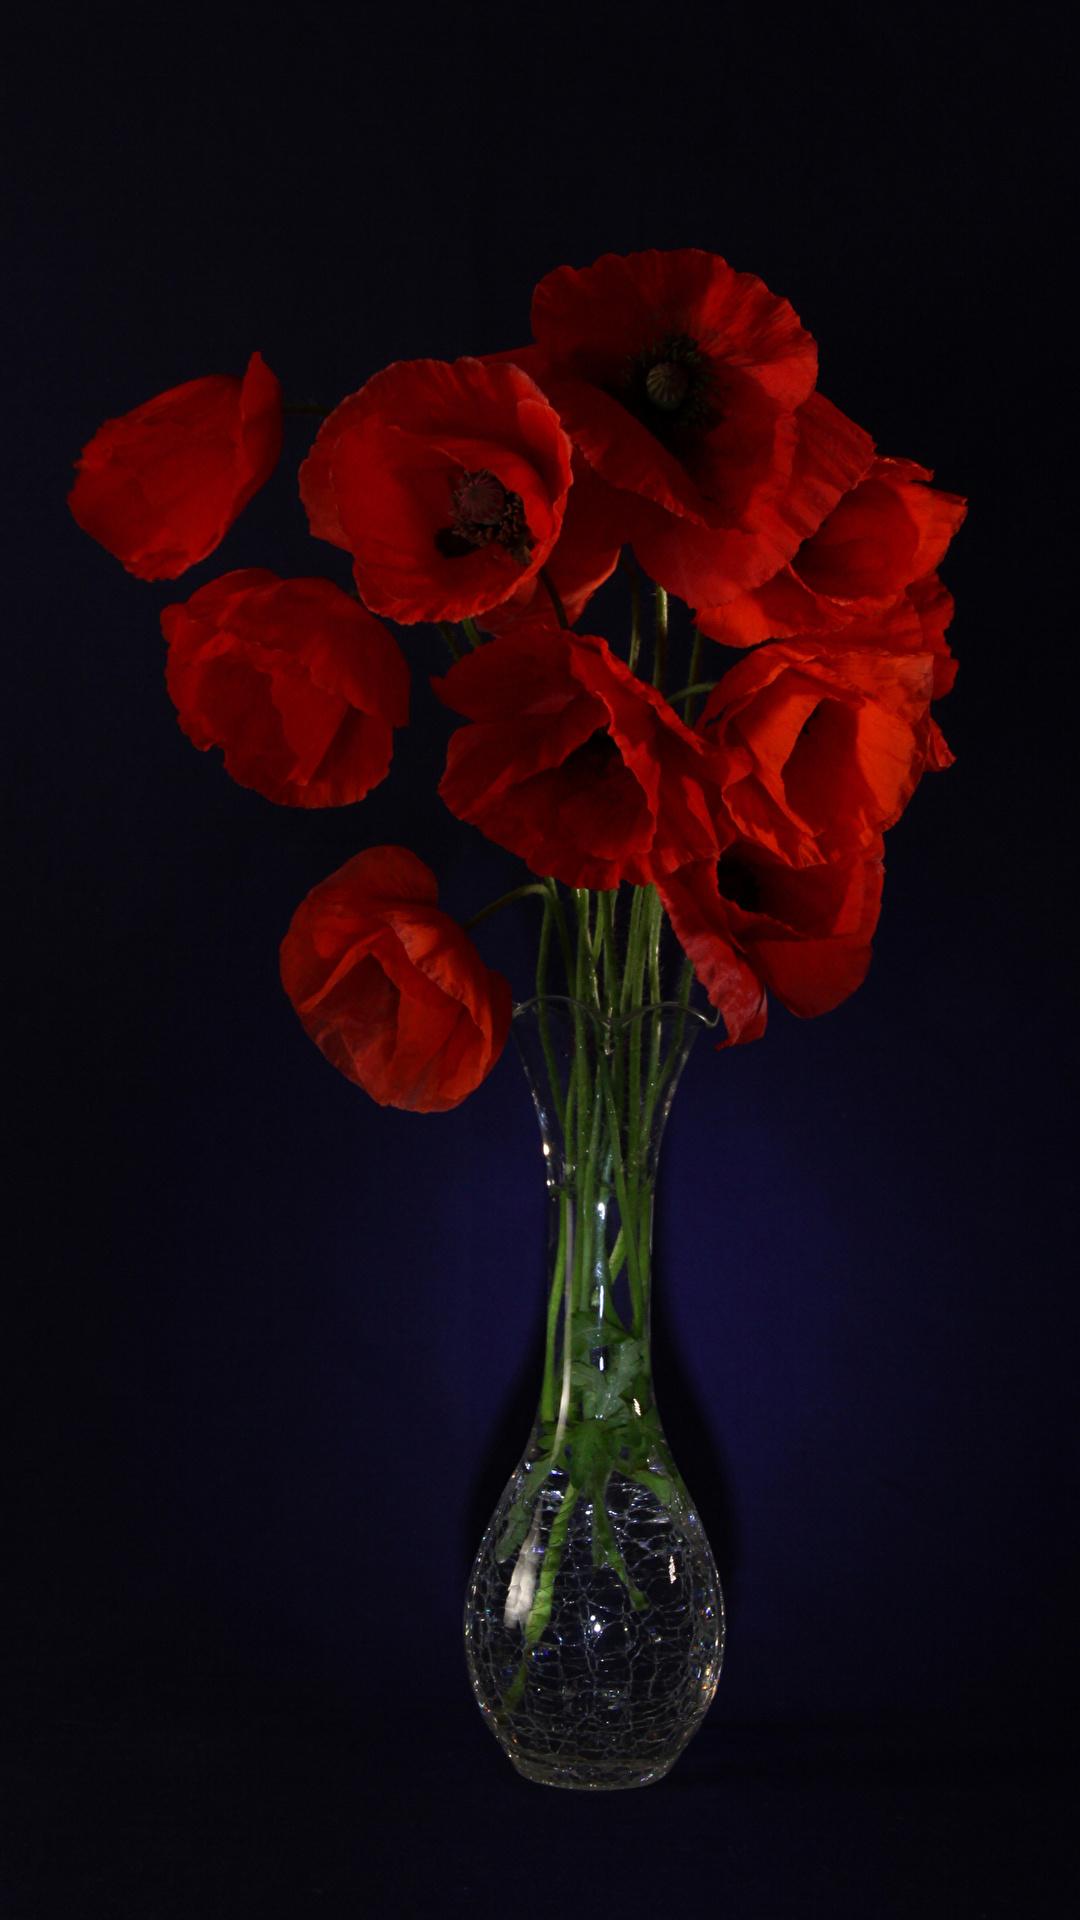 Картинка красные мак Цветы вазе Черный фон 1080x1920 для мобильного телефона красных Красный красная Маки цветок вазы Ваза на черном фоне